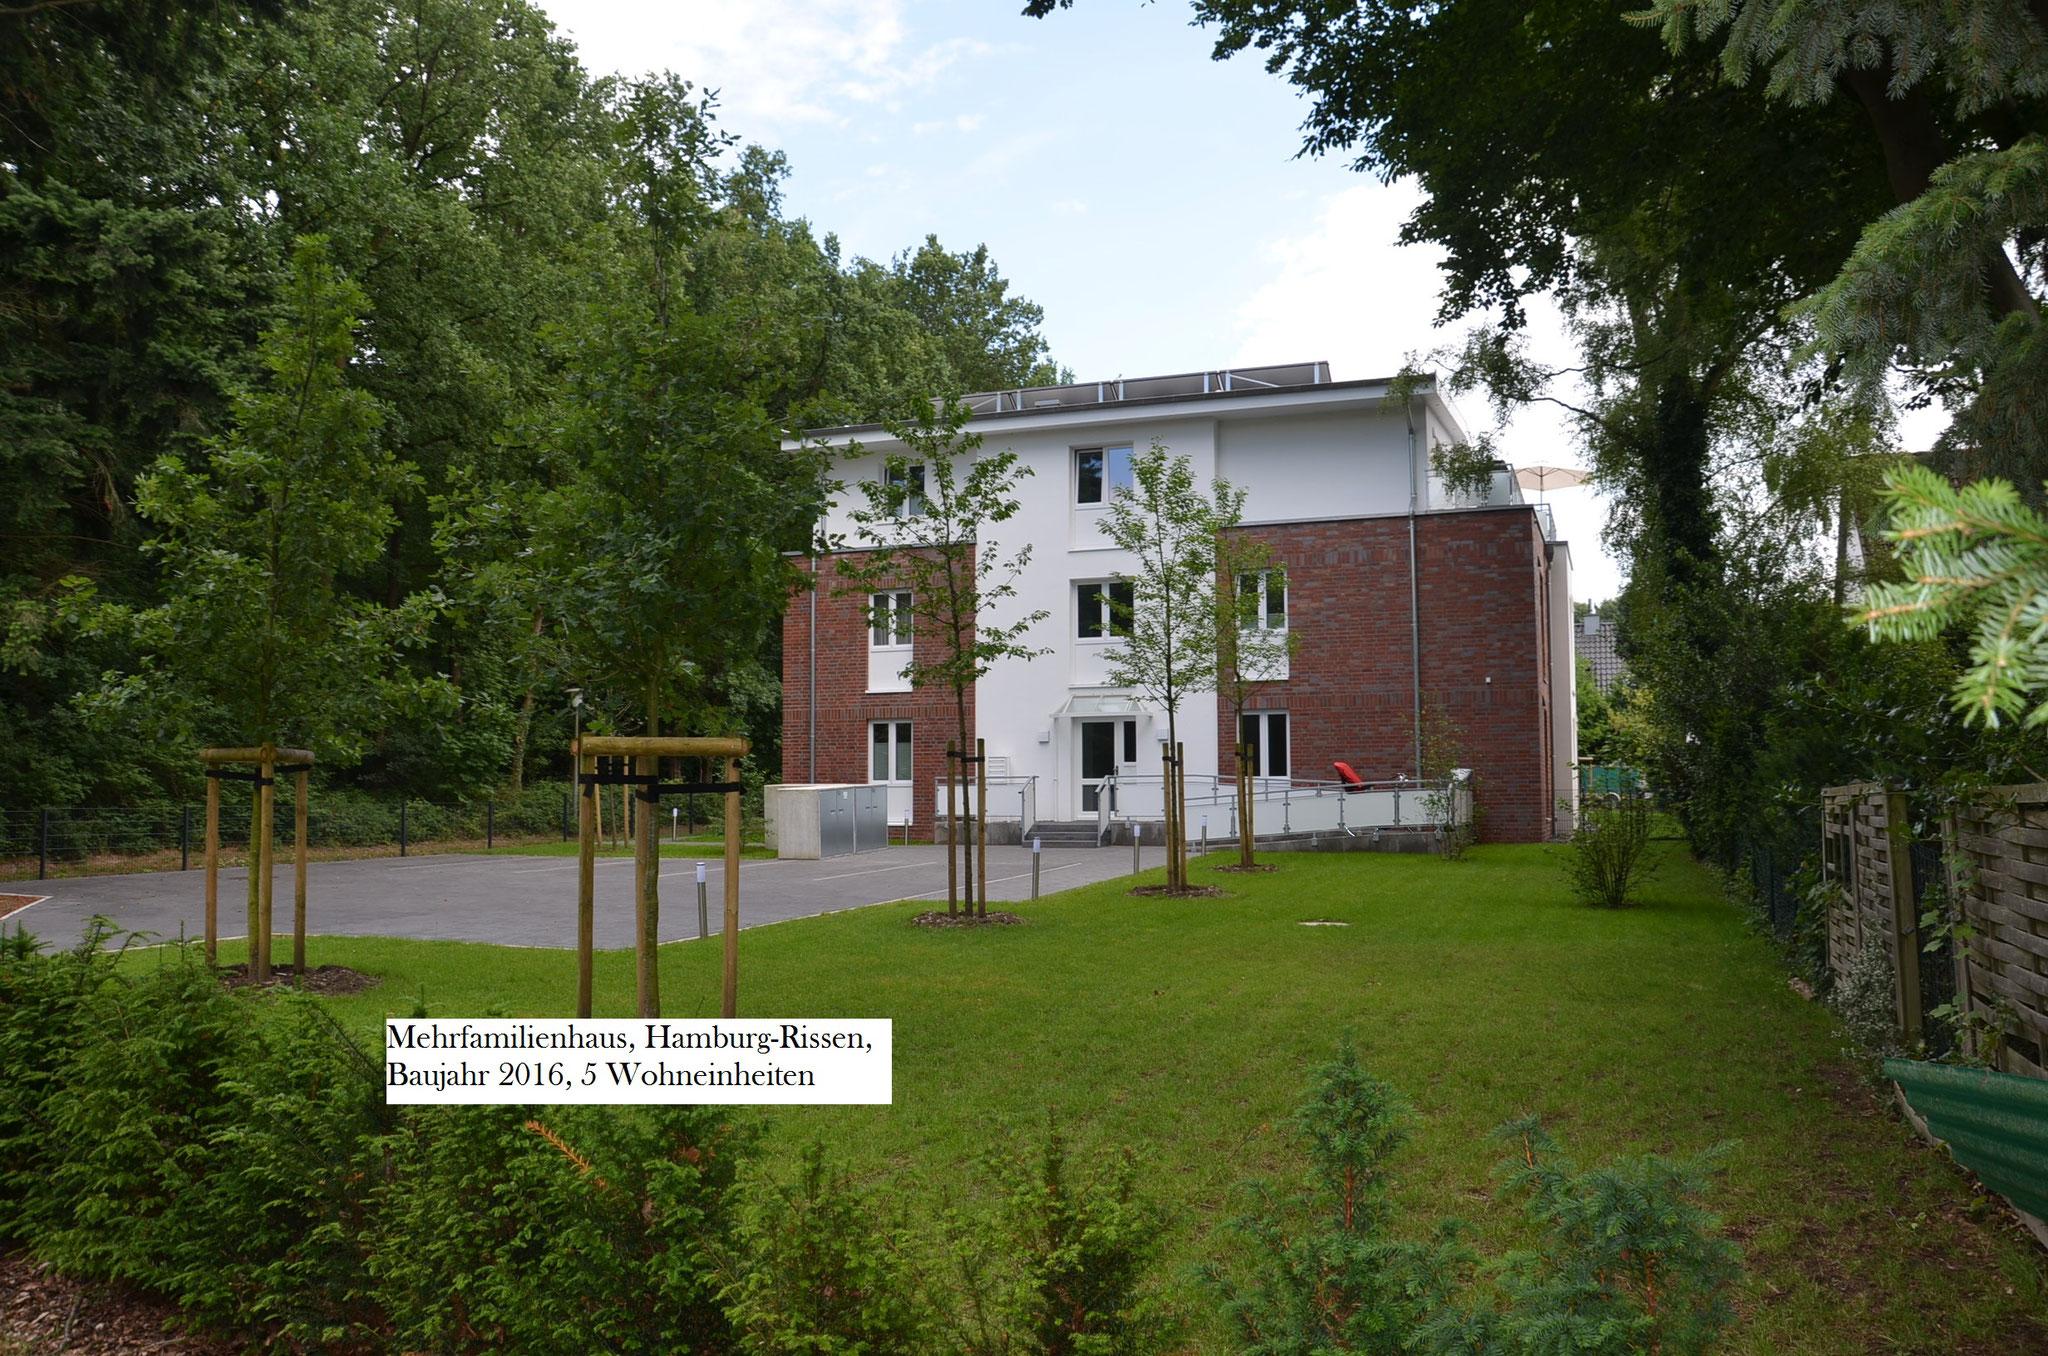 Mehrfamilienhaus - Rissen - Baujahr 2016 - 5 Wohneinheiten